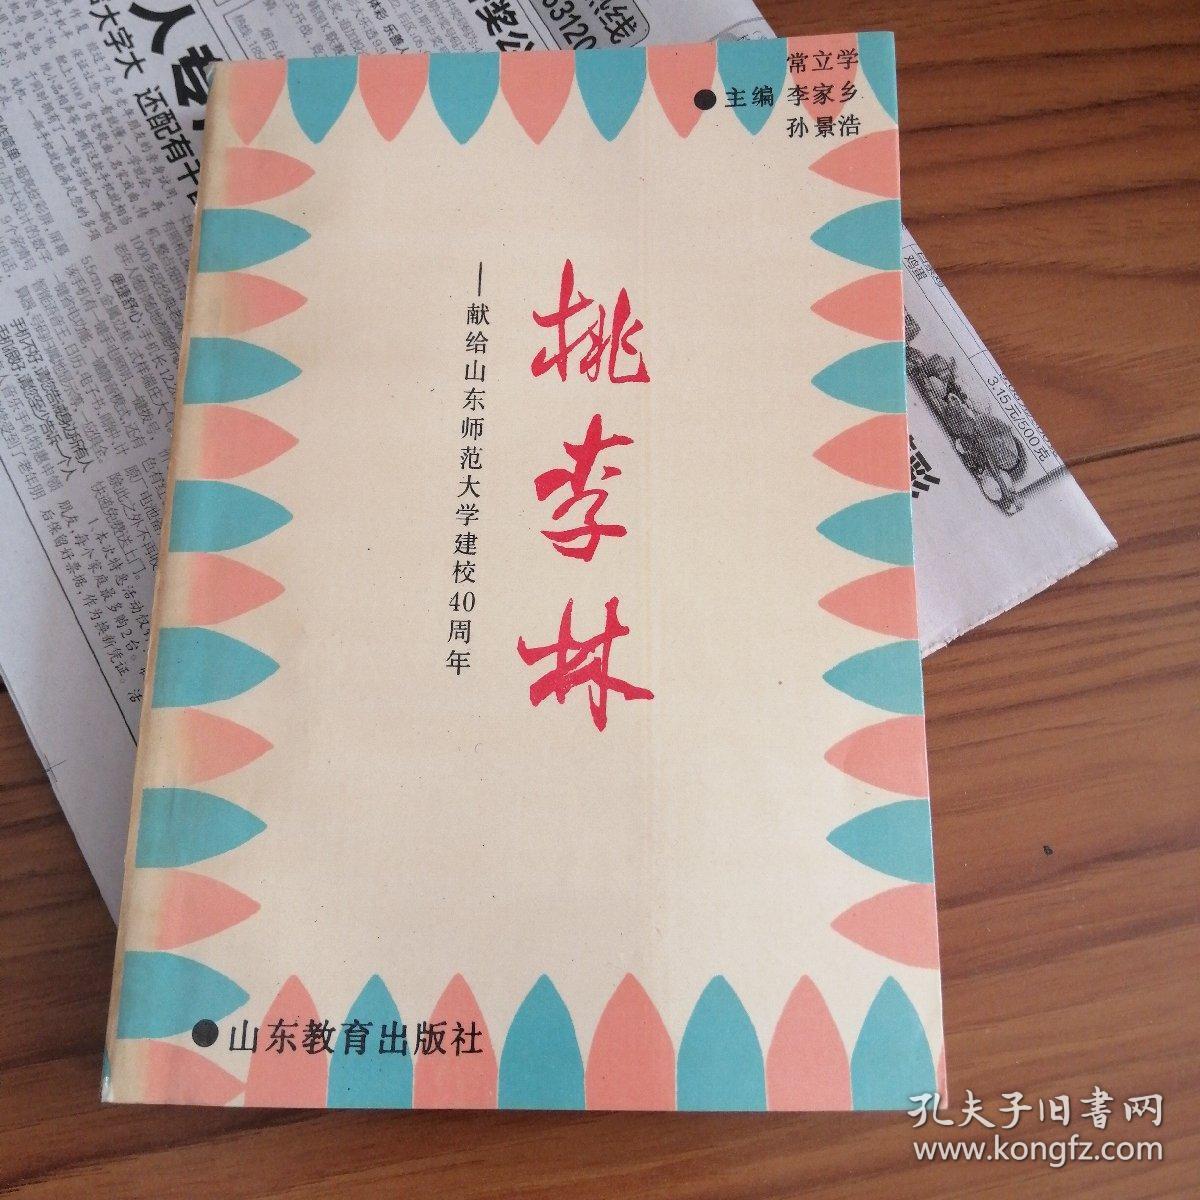 桃李林 山东师范大学建校40周年